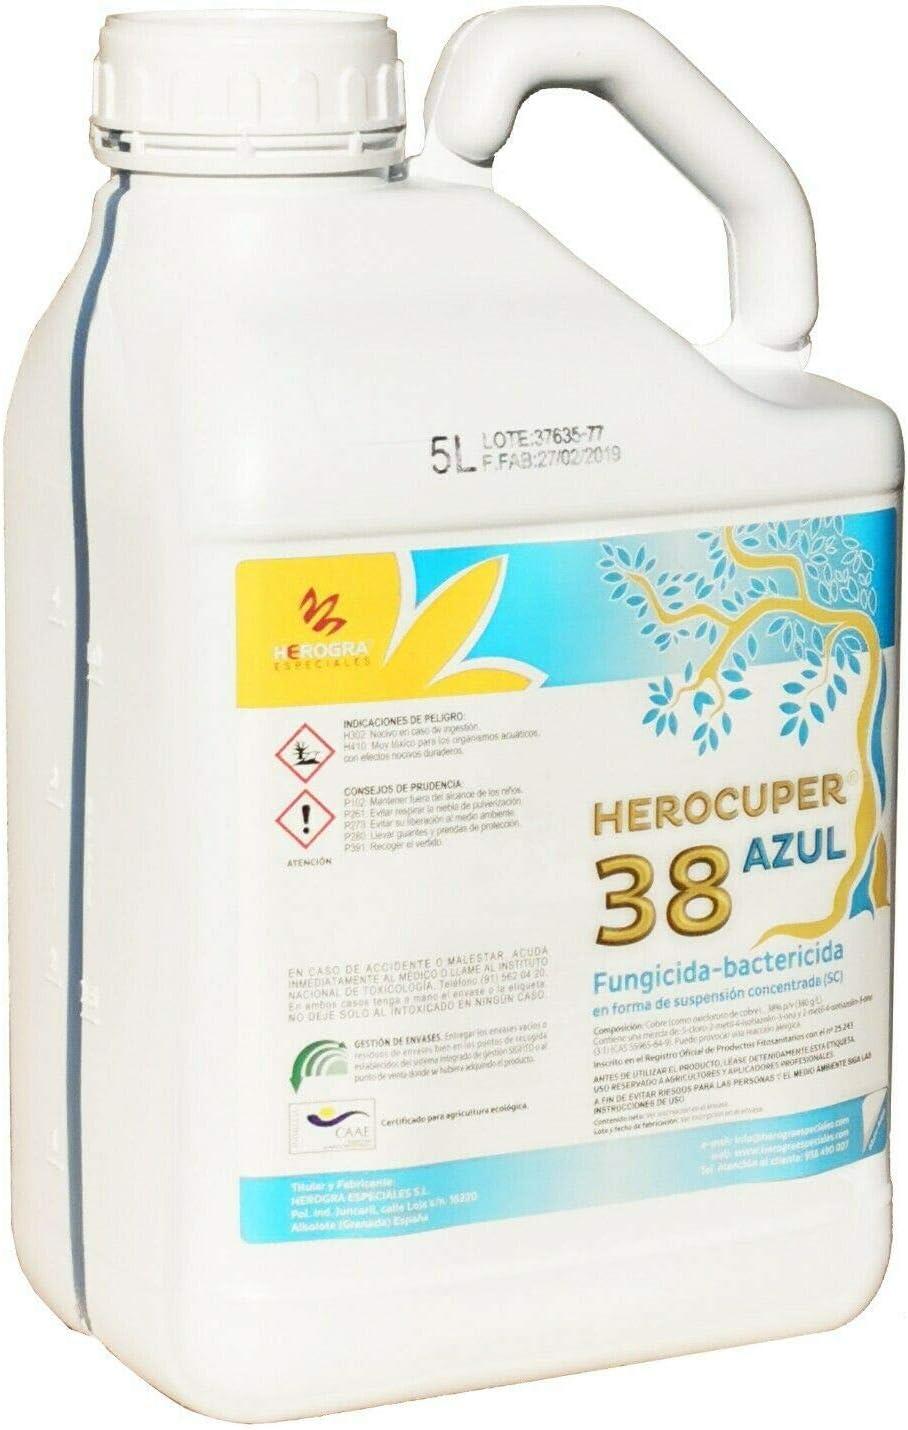 Fungicida bactericida natural contra las enfermedades fúngicas 38 AZUL (ECO) 5L Fungicida/bactericida de cobre 100% organico con accion preventiva y curativa